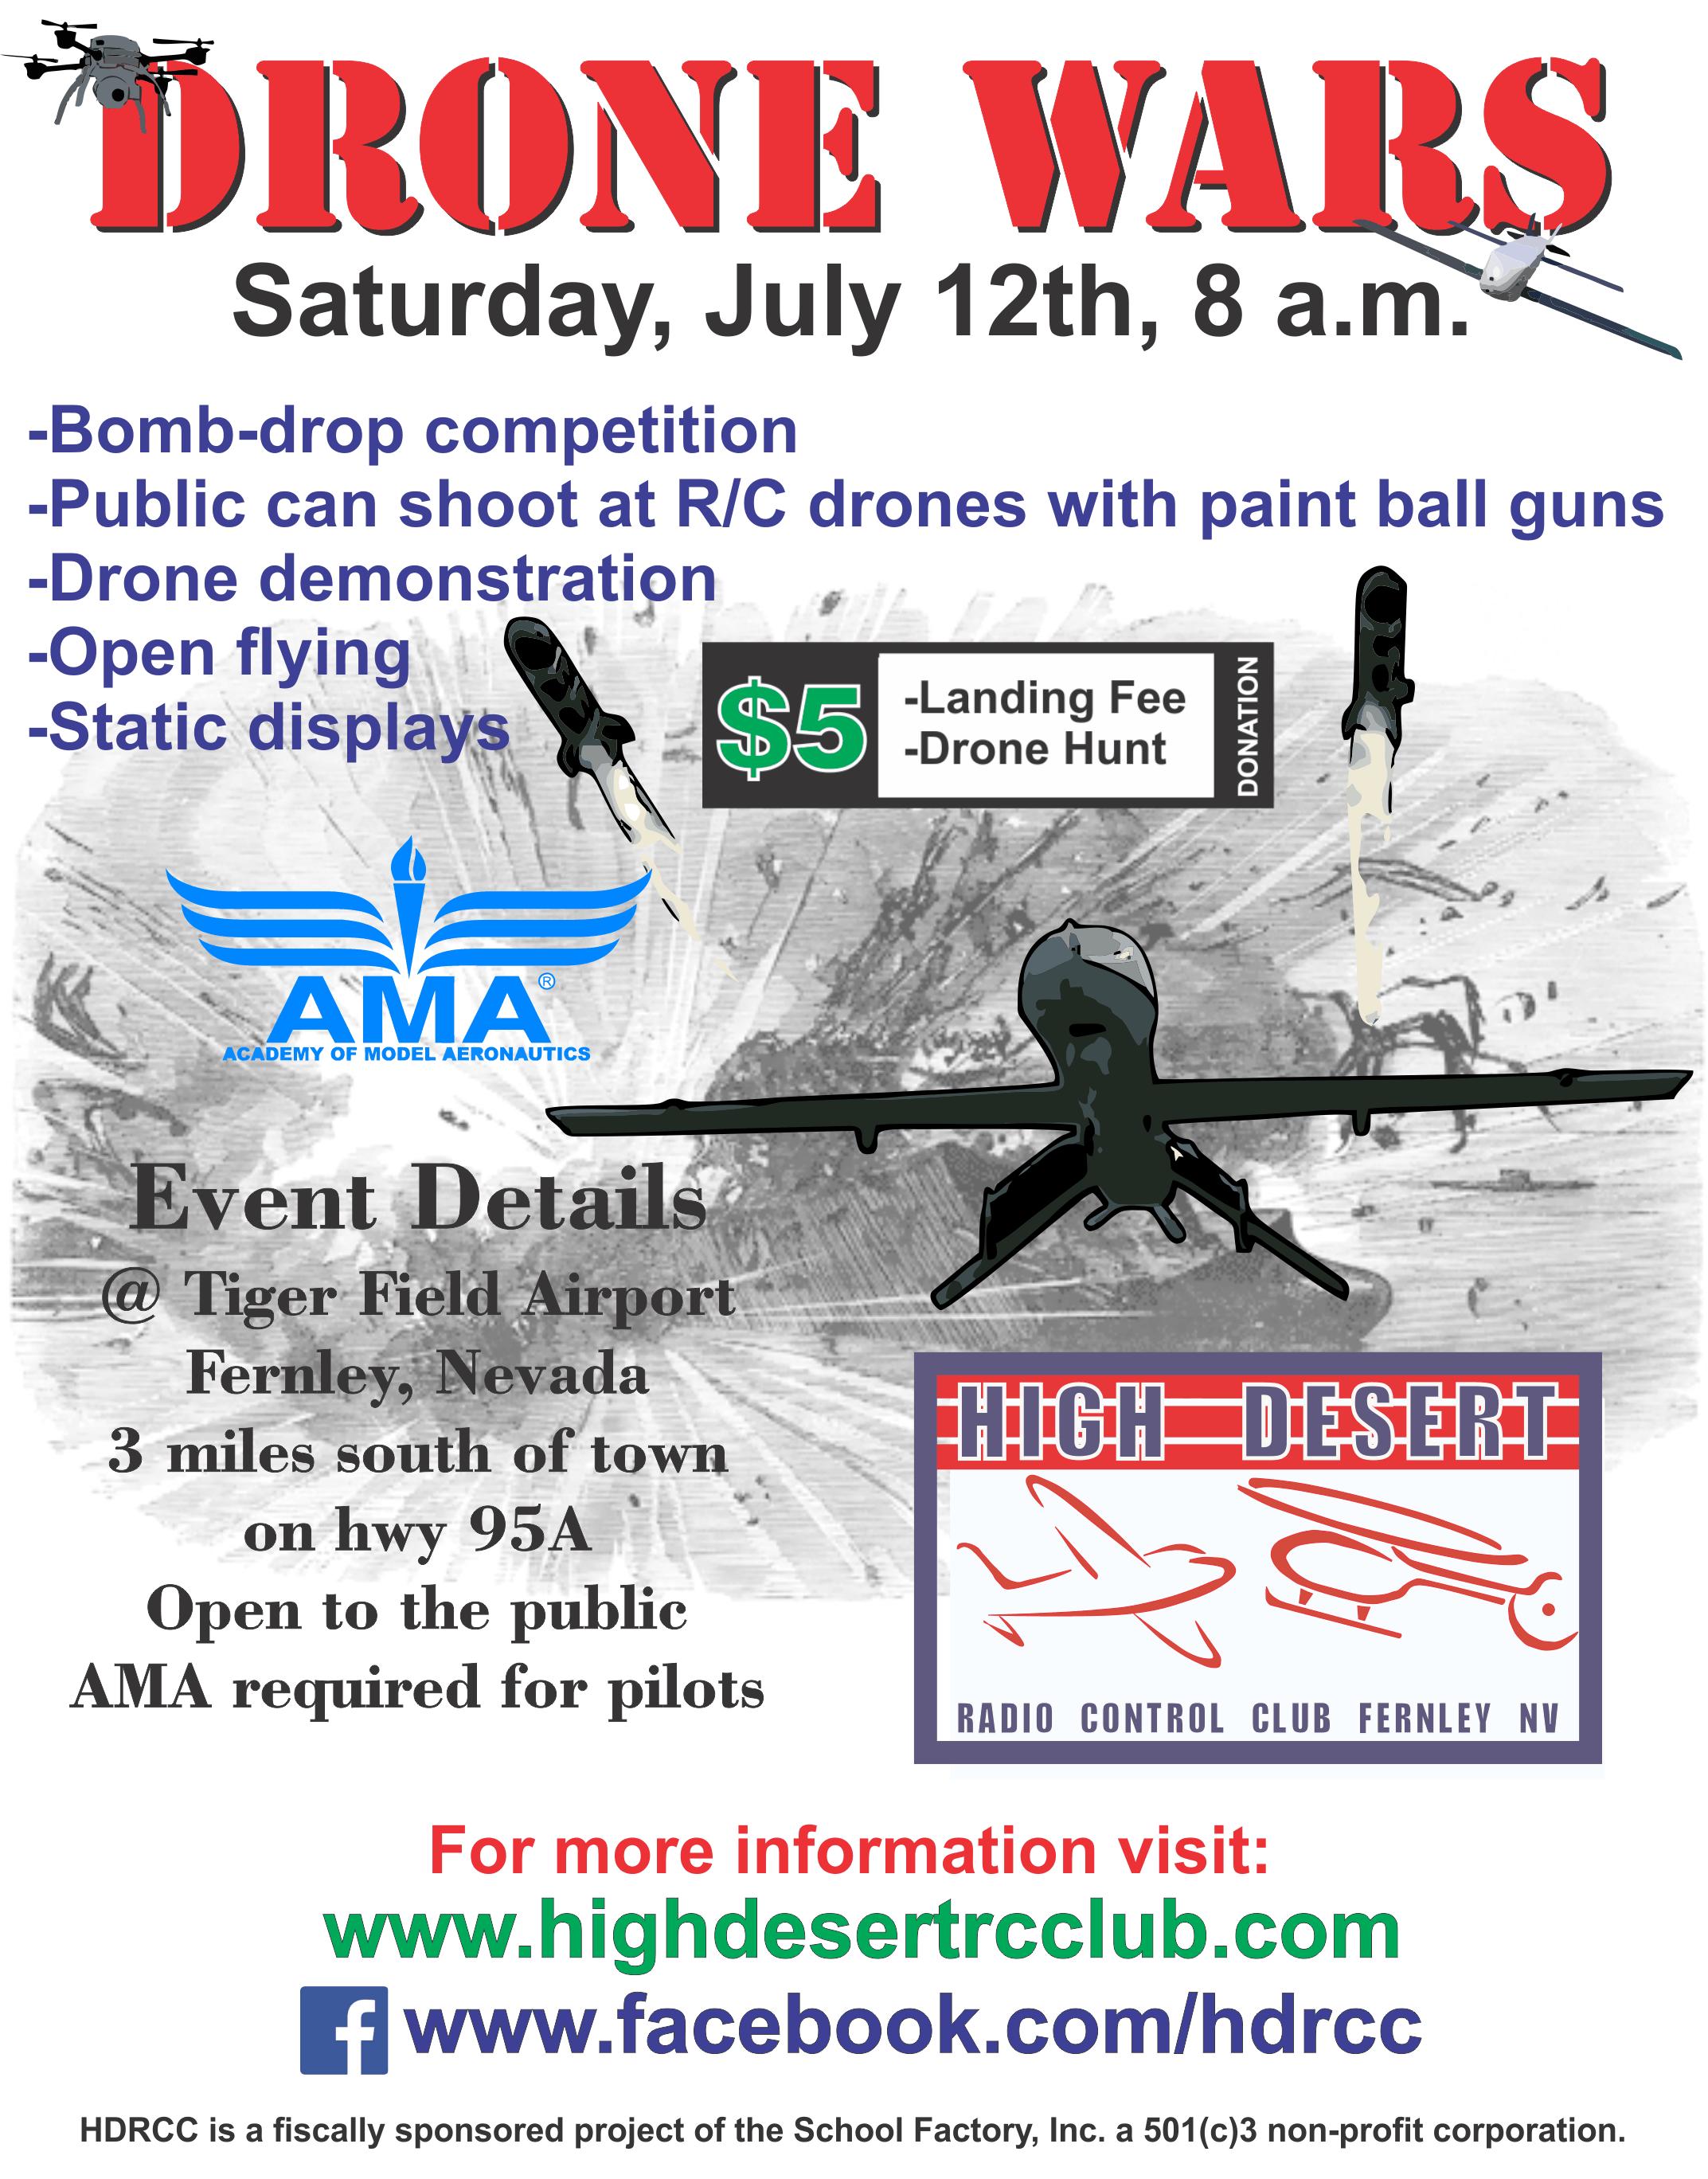 HDRCC Drone Wars v3